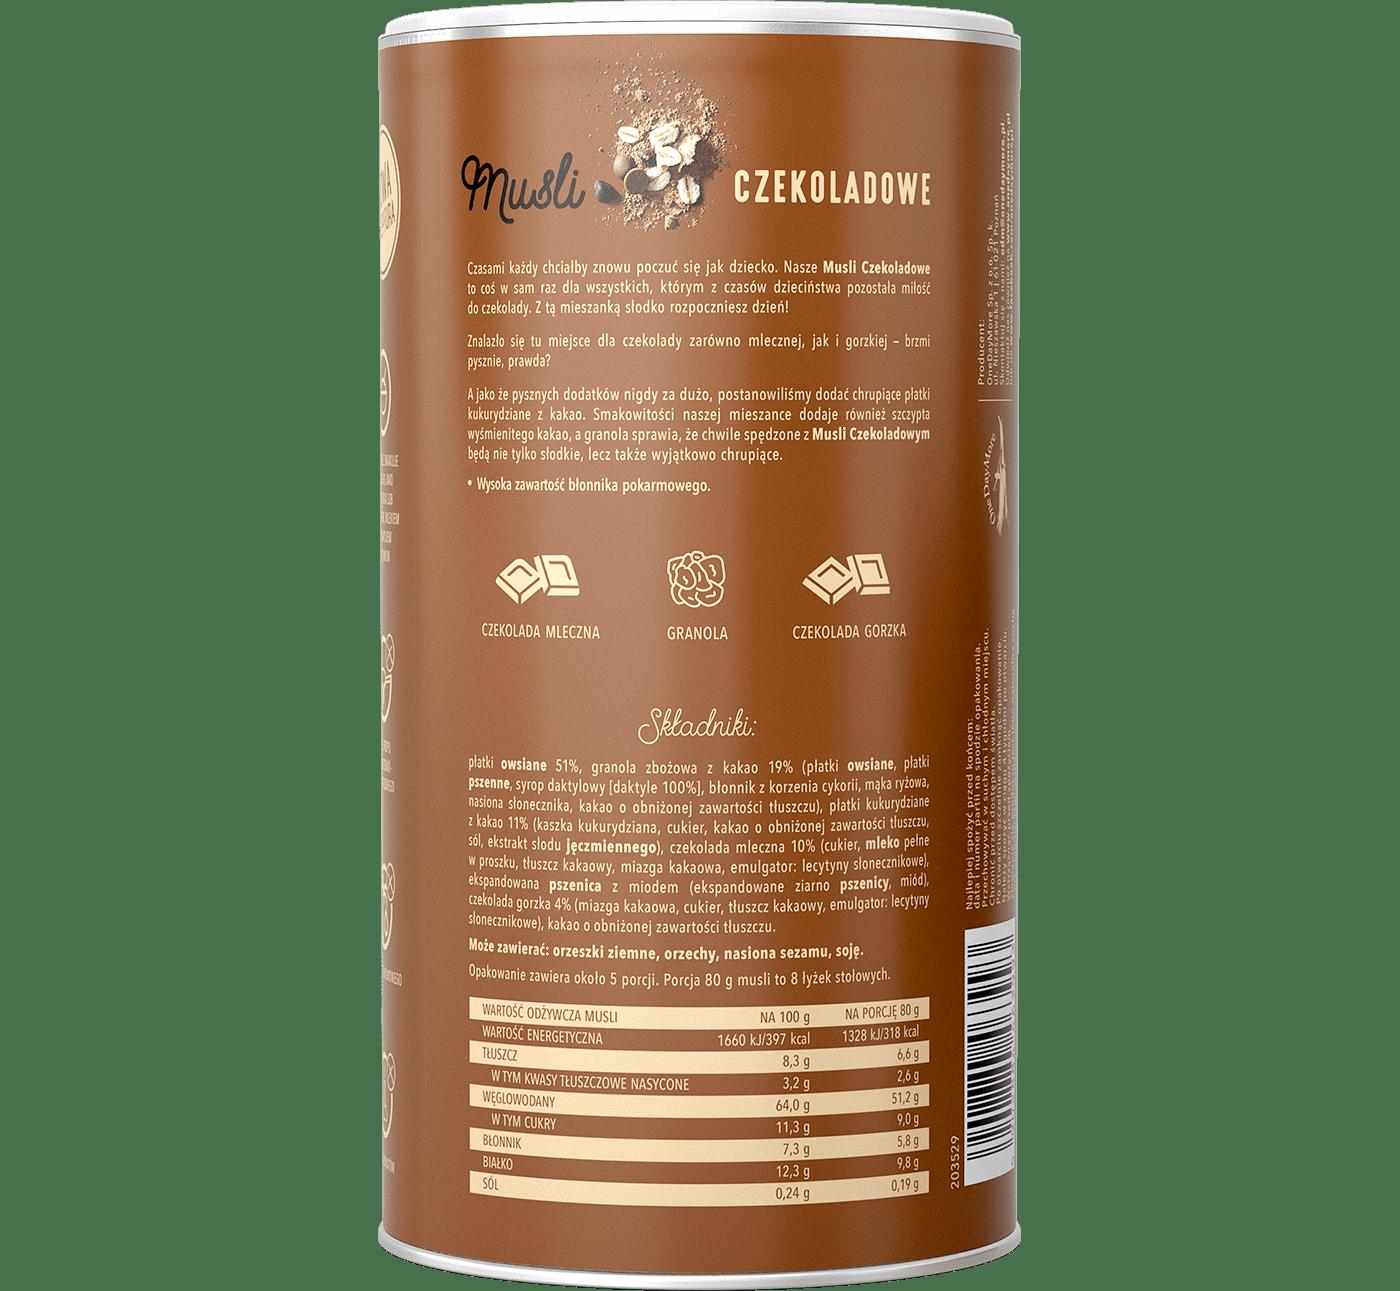 musli-czekoladowe-nowa-receptura-onedaymore-tyl-1400×1291